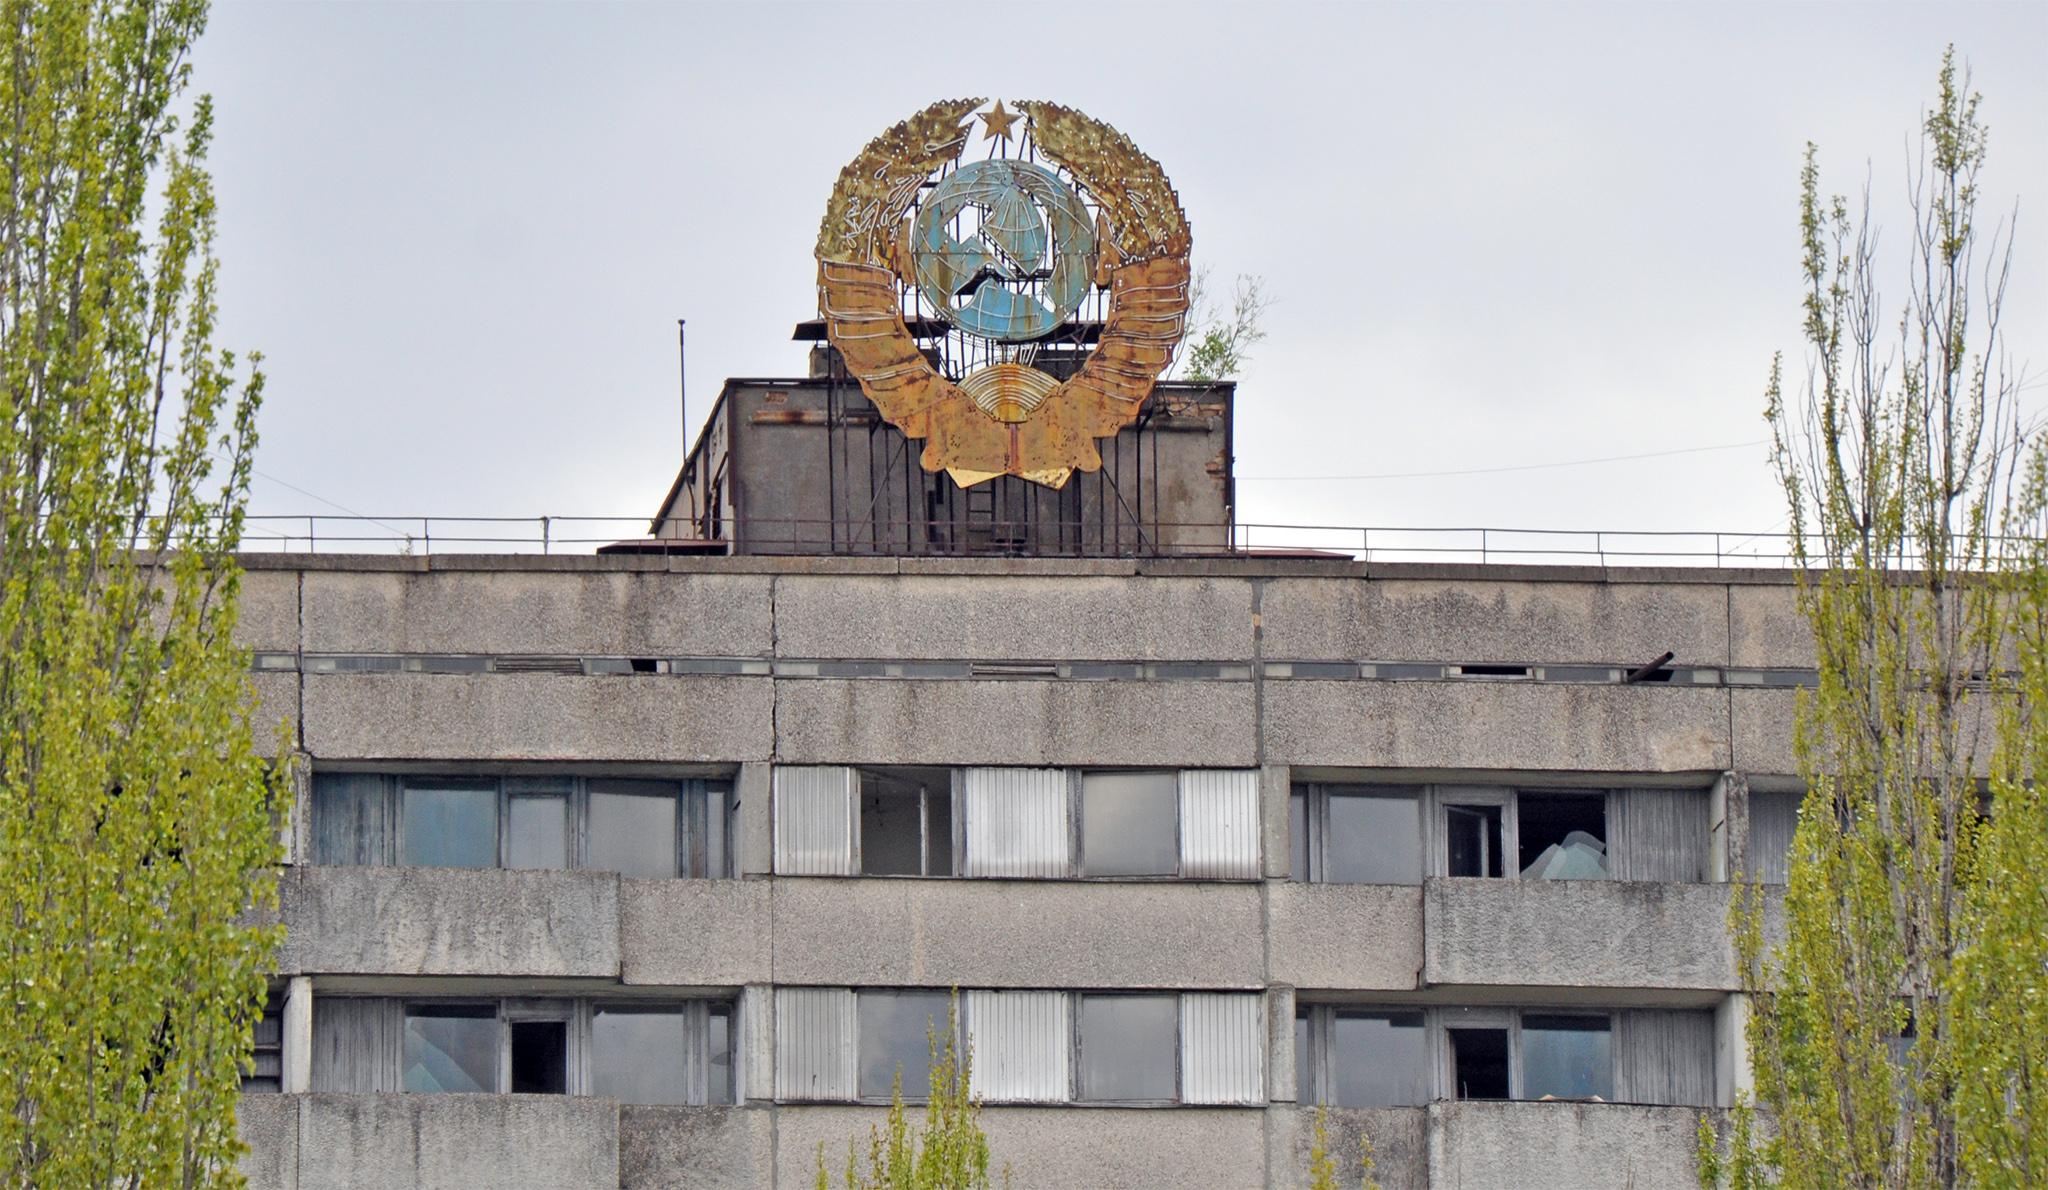 Visitar Chernóbil - Visitar Chernobyl Ucrania Ukraine Pripyat visitar chernóbil - 32891475627 2b4b335b47 o - Visitar Chernóbil: el lugar más contaminado del planeta